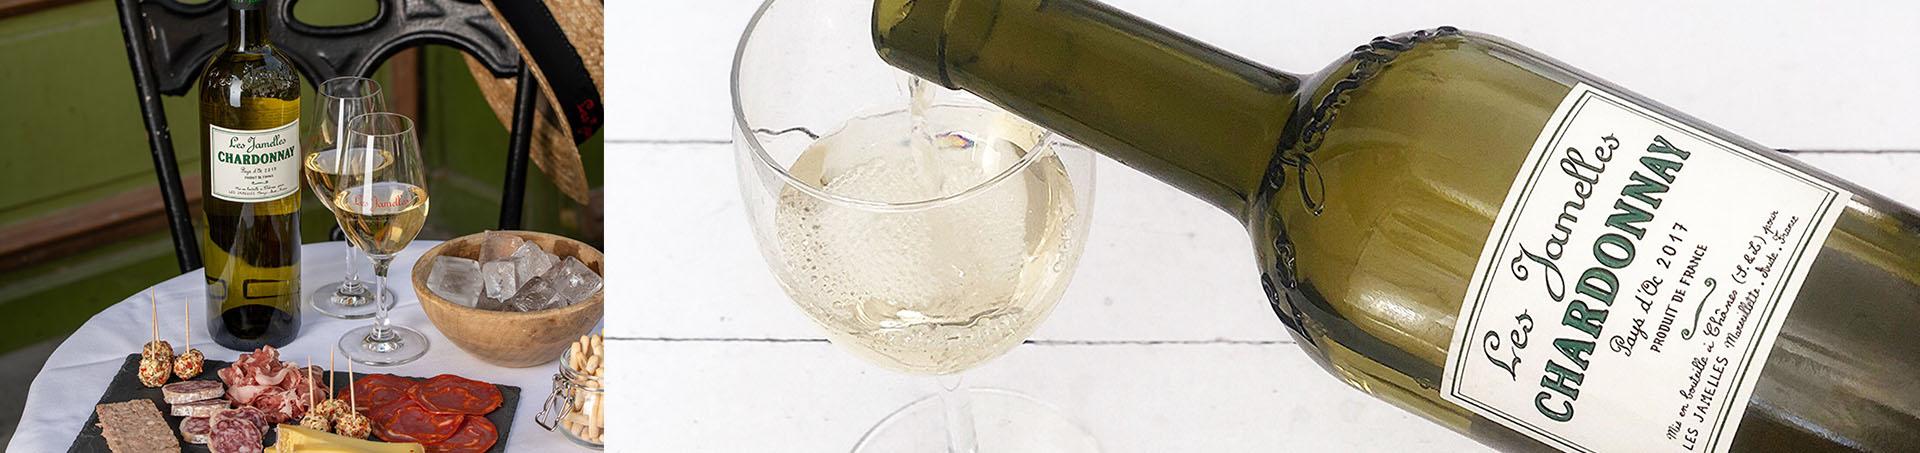 Bannière Chardonnay les Jamelles - OK